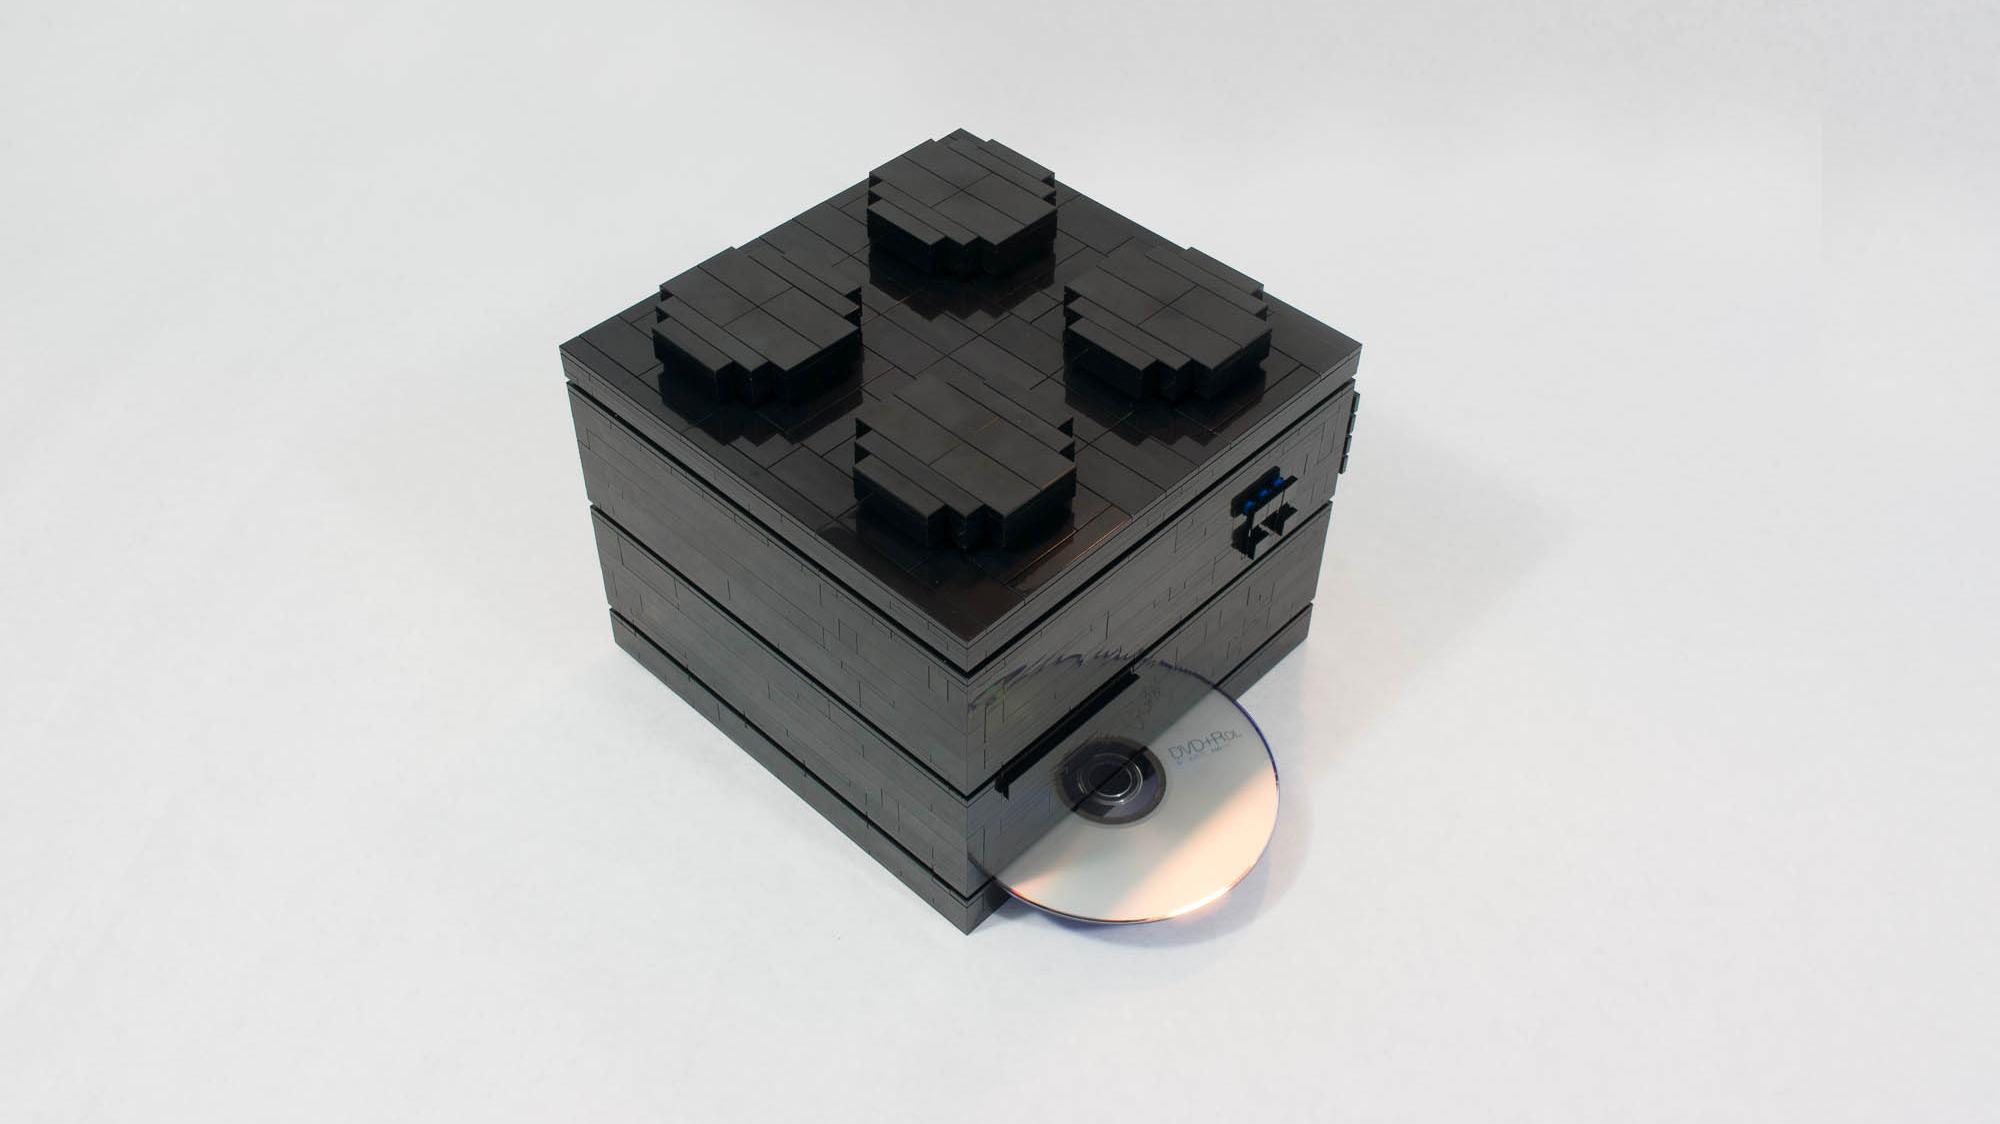 Denne datamaskinen er bygget av LEGO